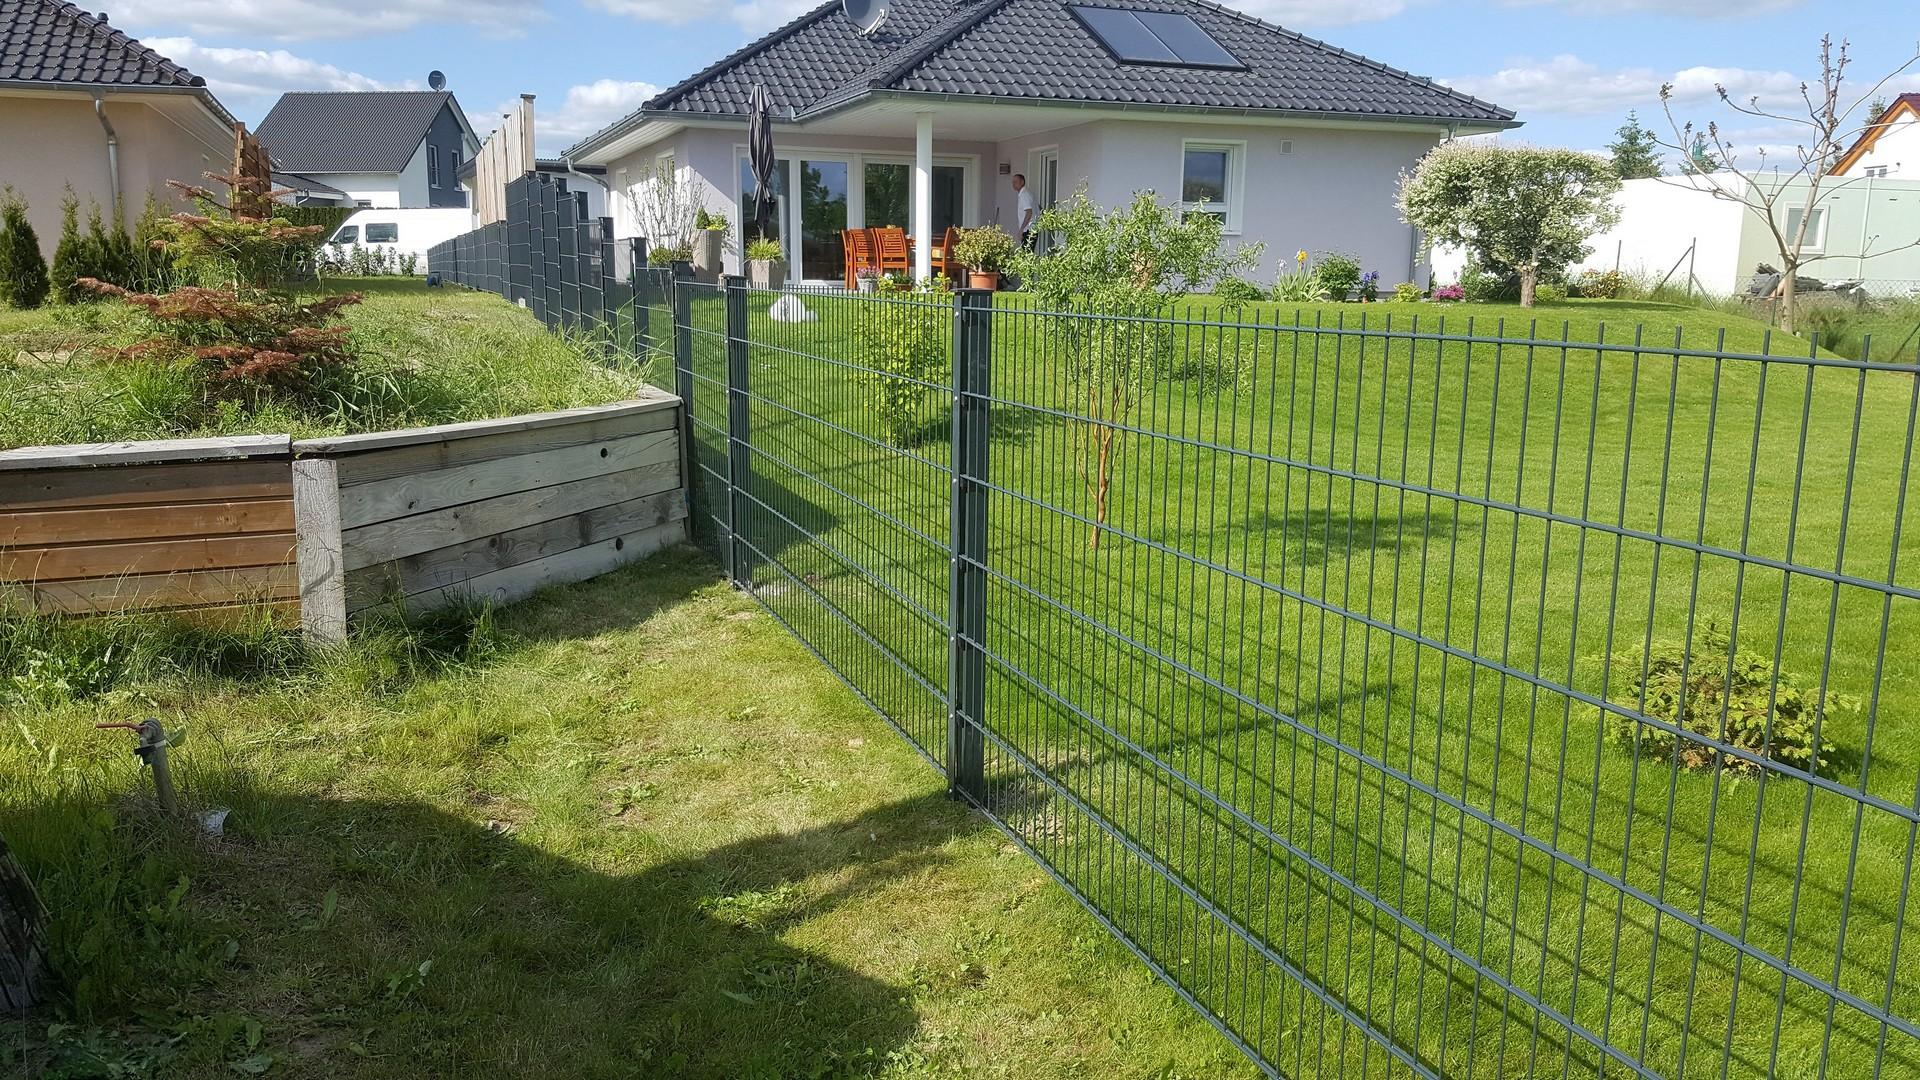 Garten im Hinterhof mit einfachem Doppelstabmattenzaun eingezäunt